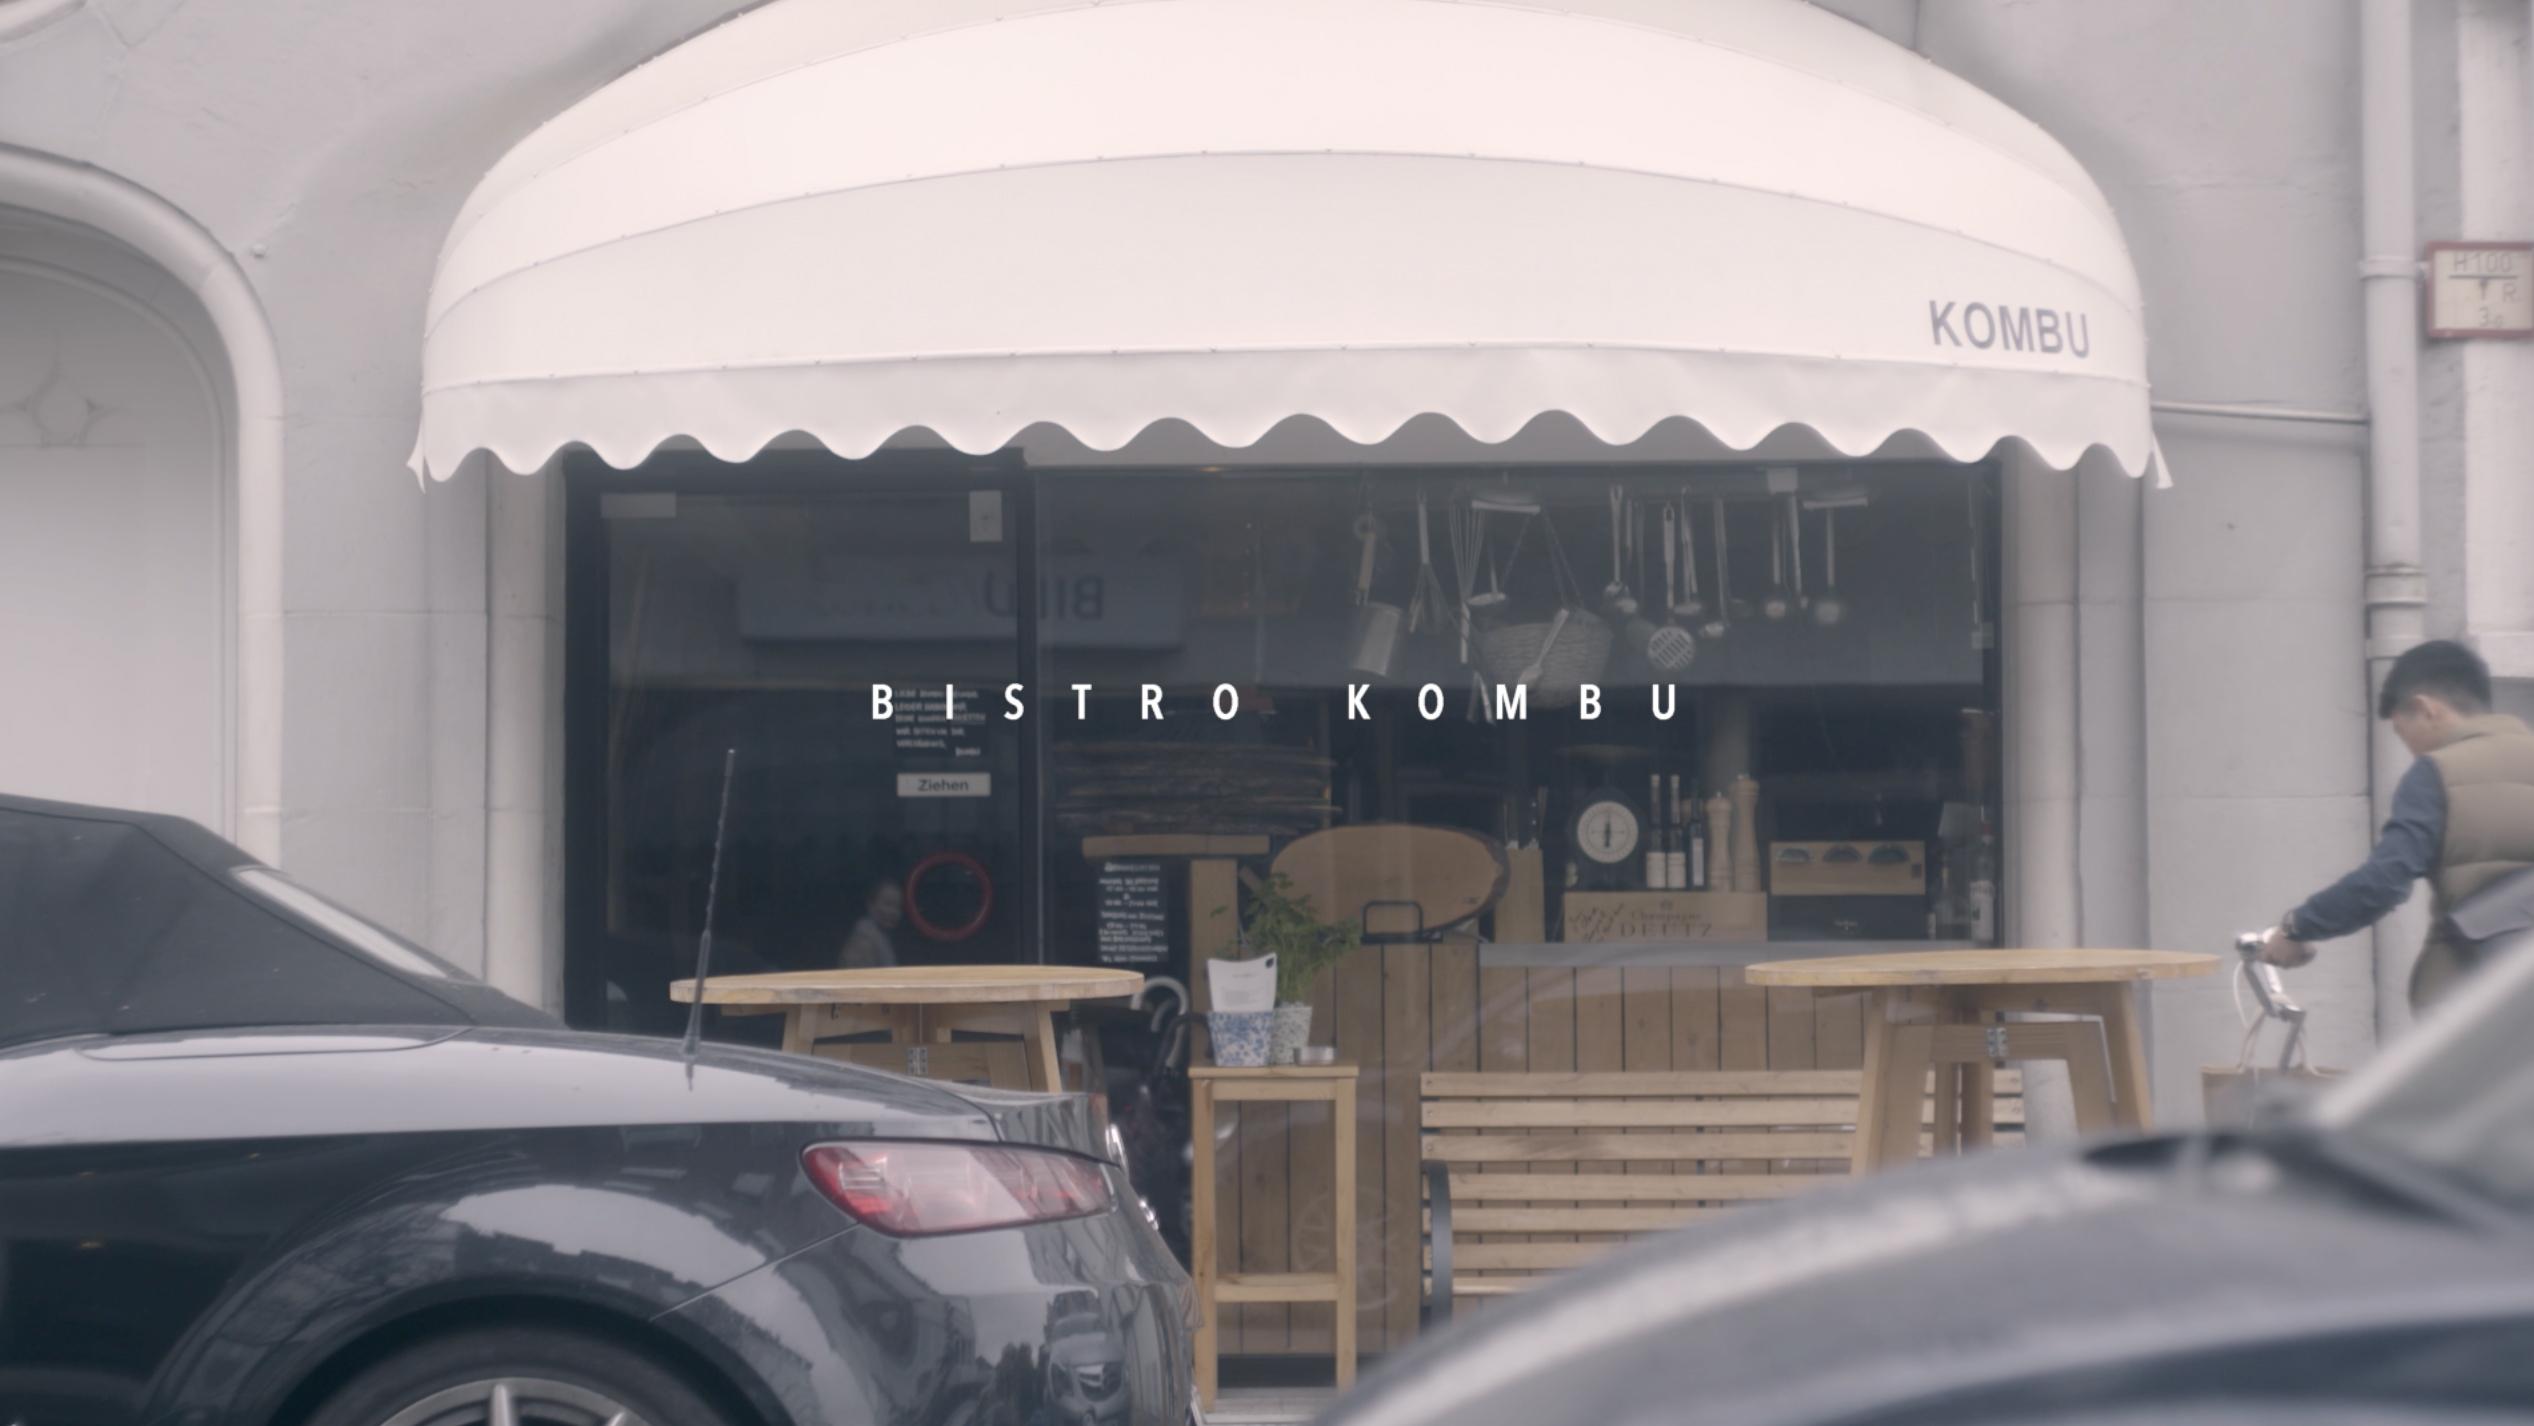 Berlin—Tokyo